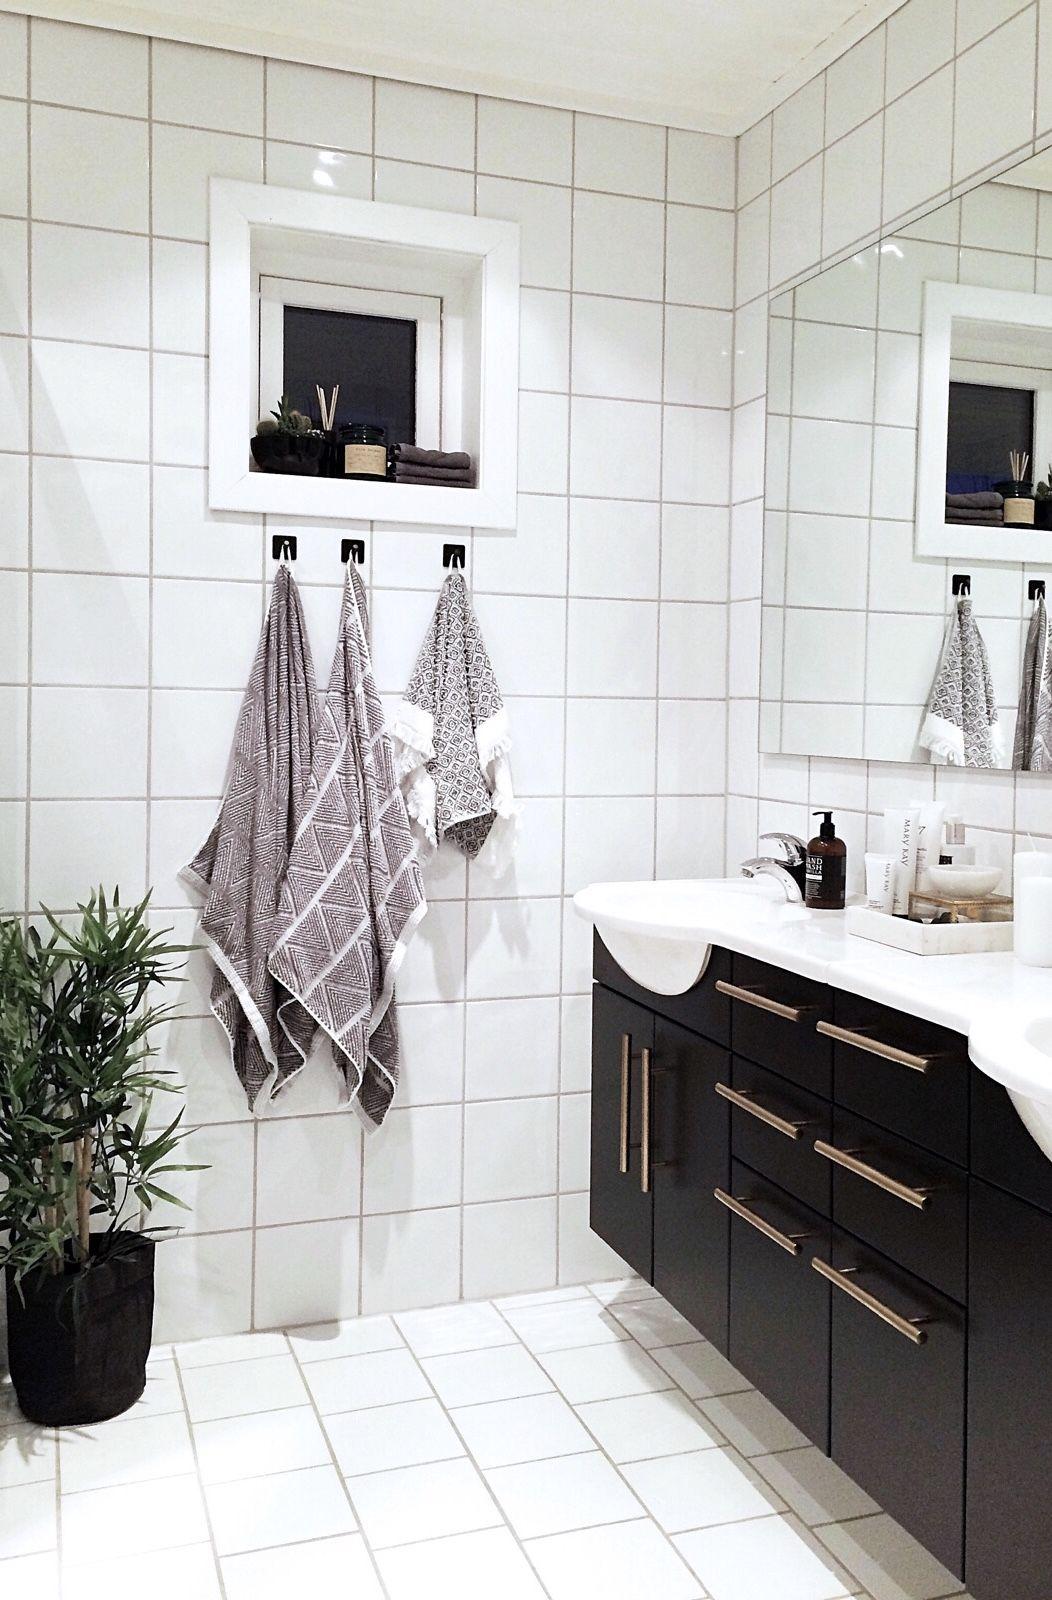 Seriøst Bad, baderom, interiør, svart vask, gull håndtak, håndklær, plante VS-64